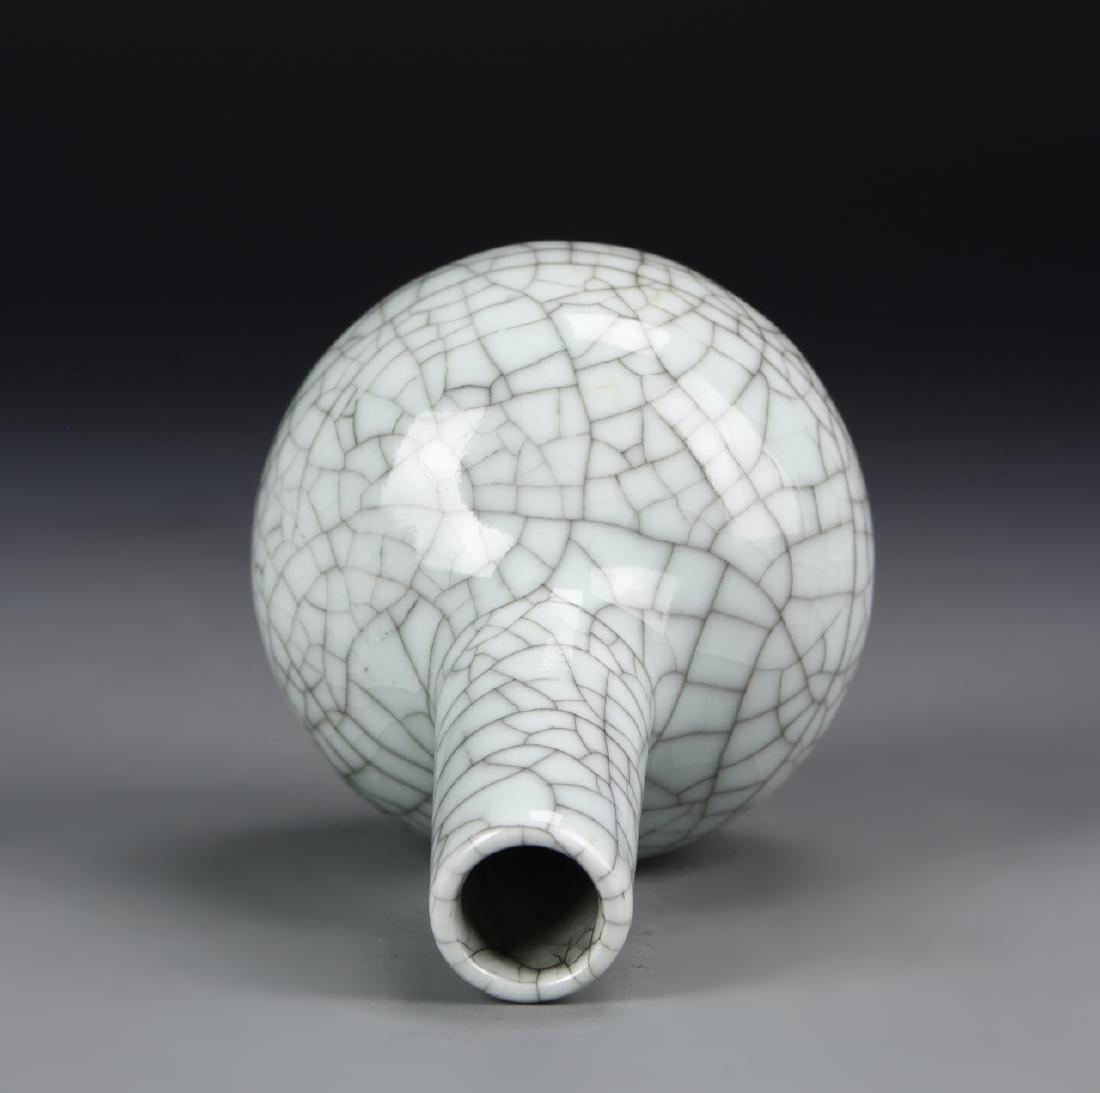 Chinese Guan Yao Tian Qiu Vase - 3